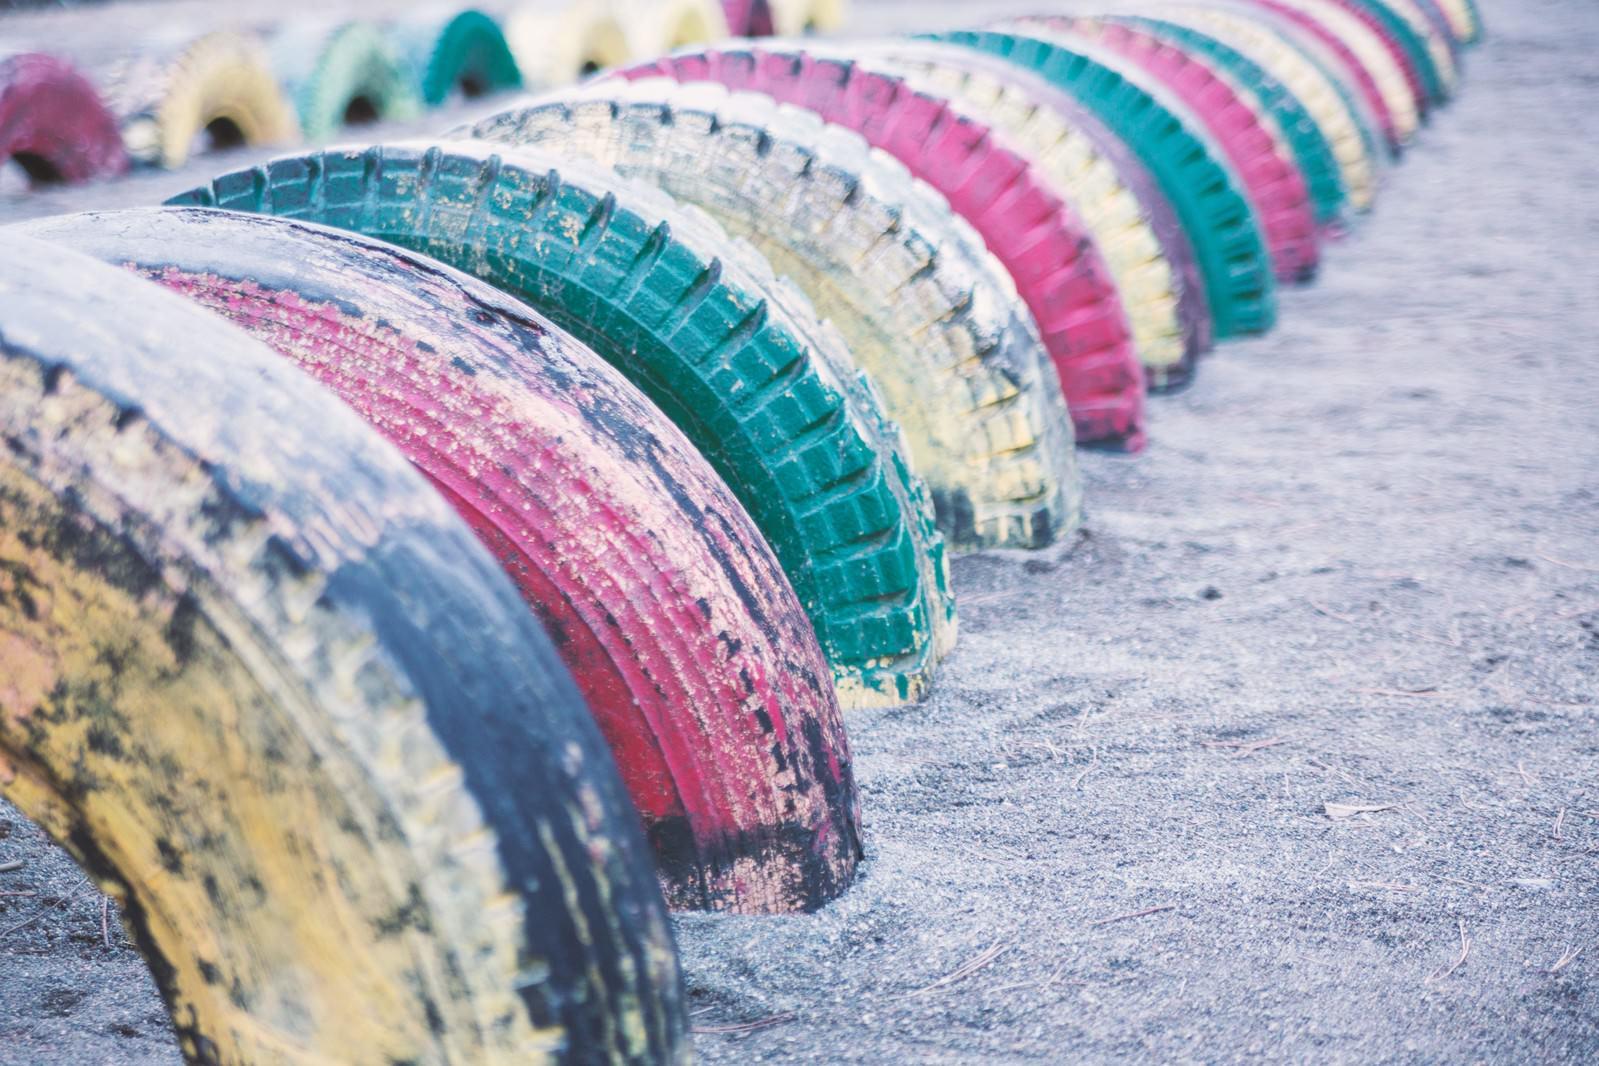 「公園にあるタイヤの遊具公園にあるタイヤの遊具」のフリー写真素材を拡大